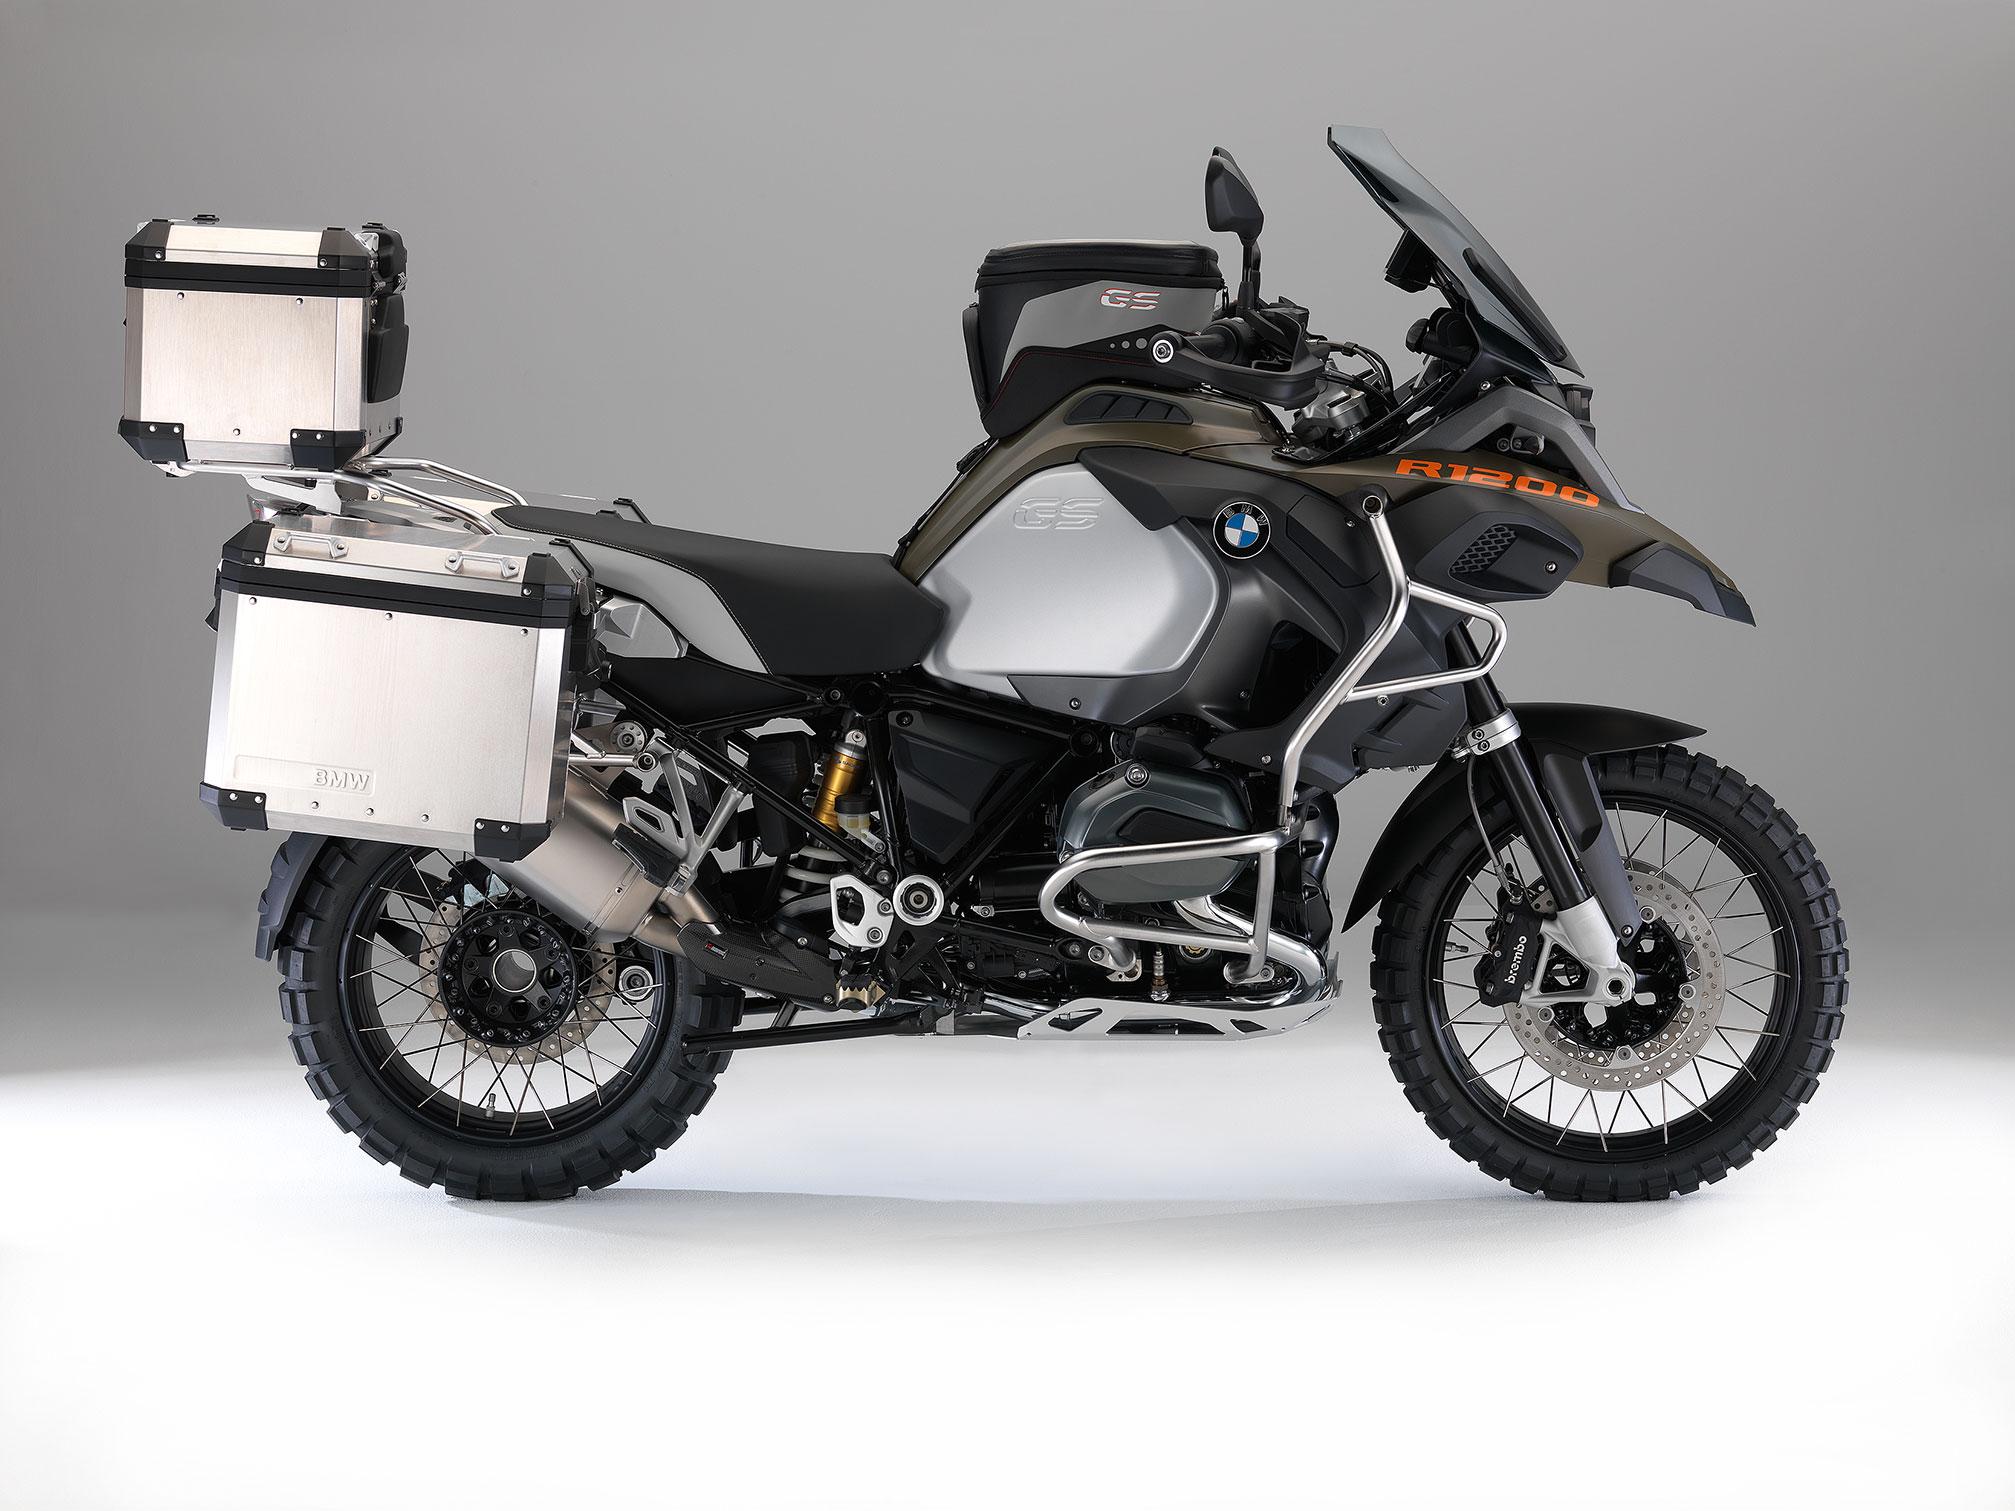 bmw motorcycle rentals - rmm rentals & tours